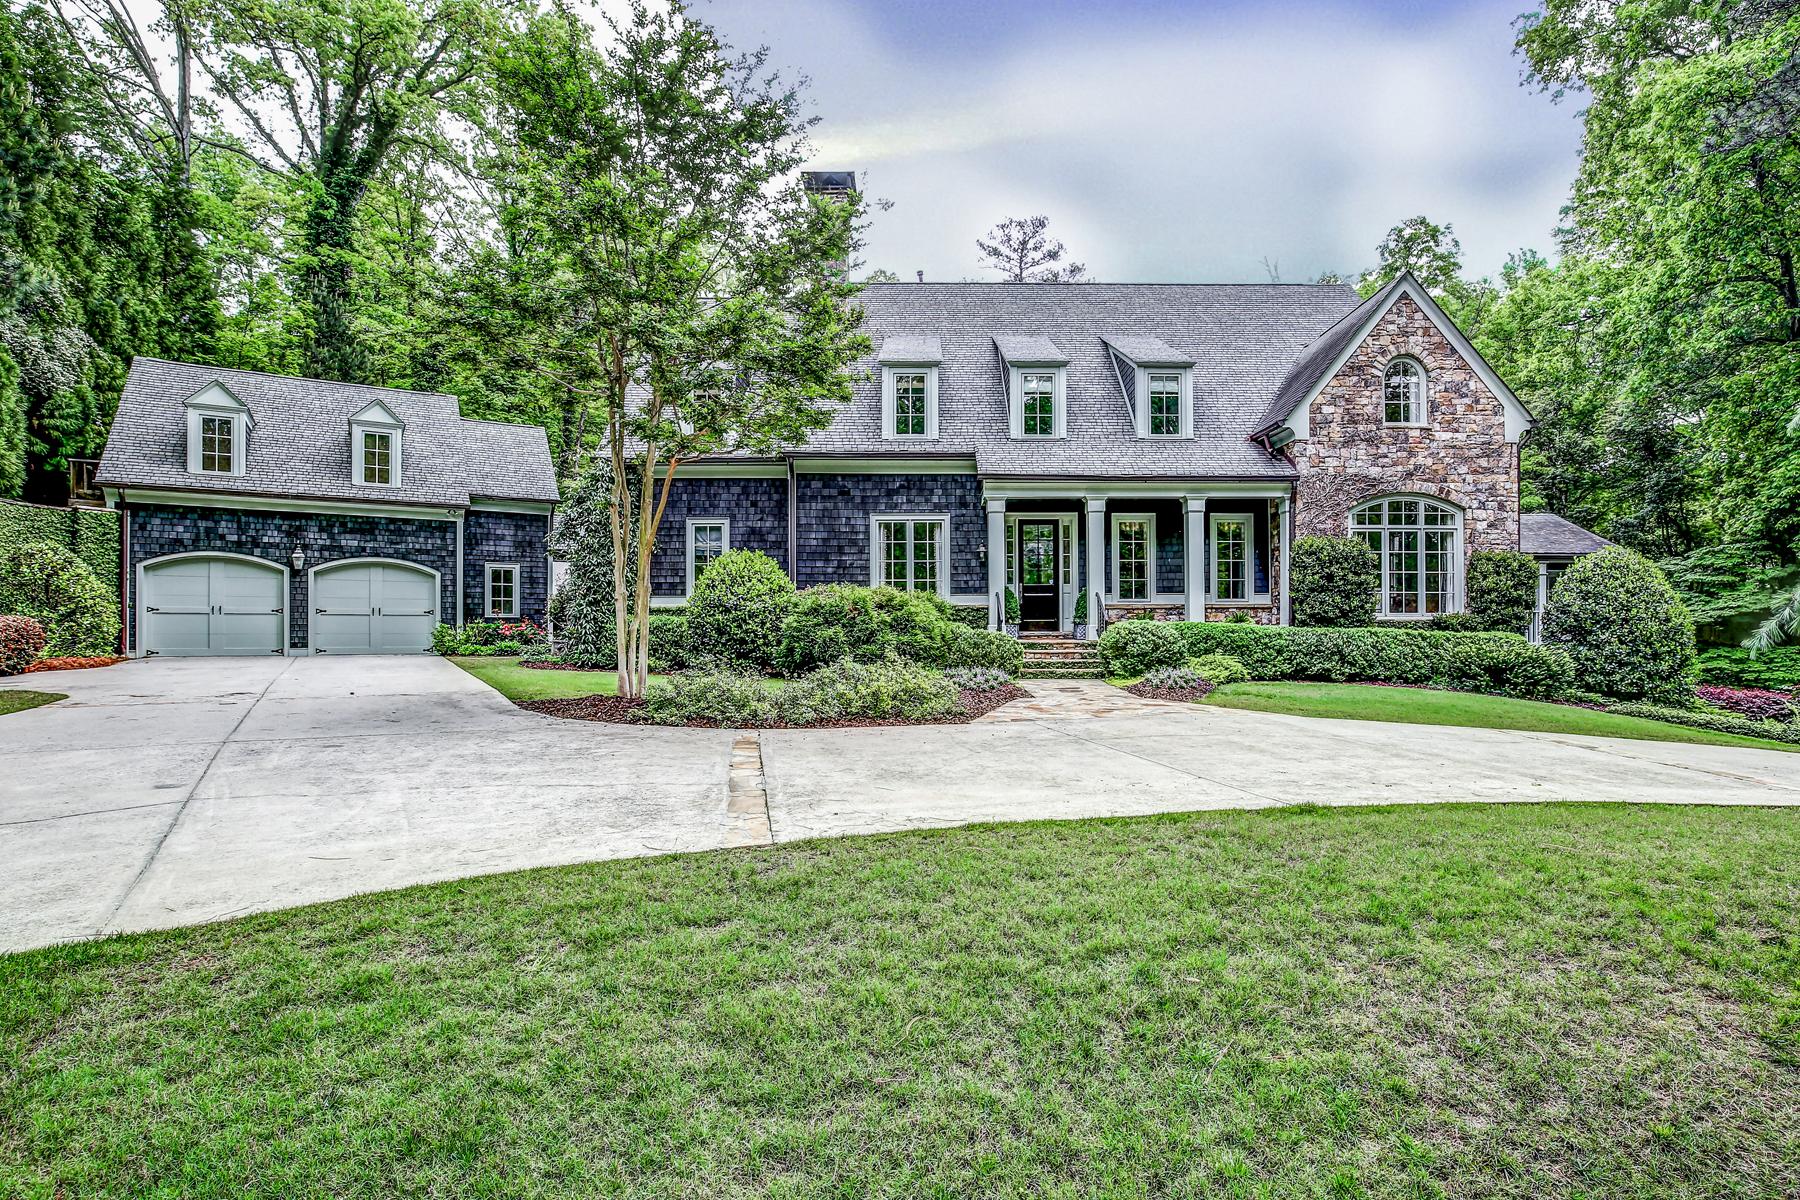 Casa Unifamiliar por un Venta en Buckhead Cape Cod Stunner 4065 Beechwood Drive NW Buckhead, Atlanta, Georgia, 30327 Estados Unidos